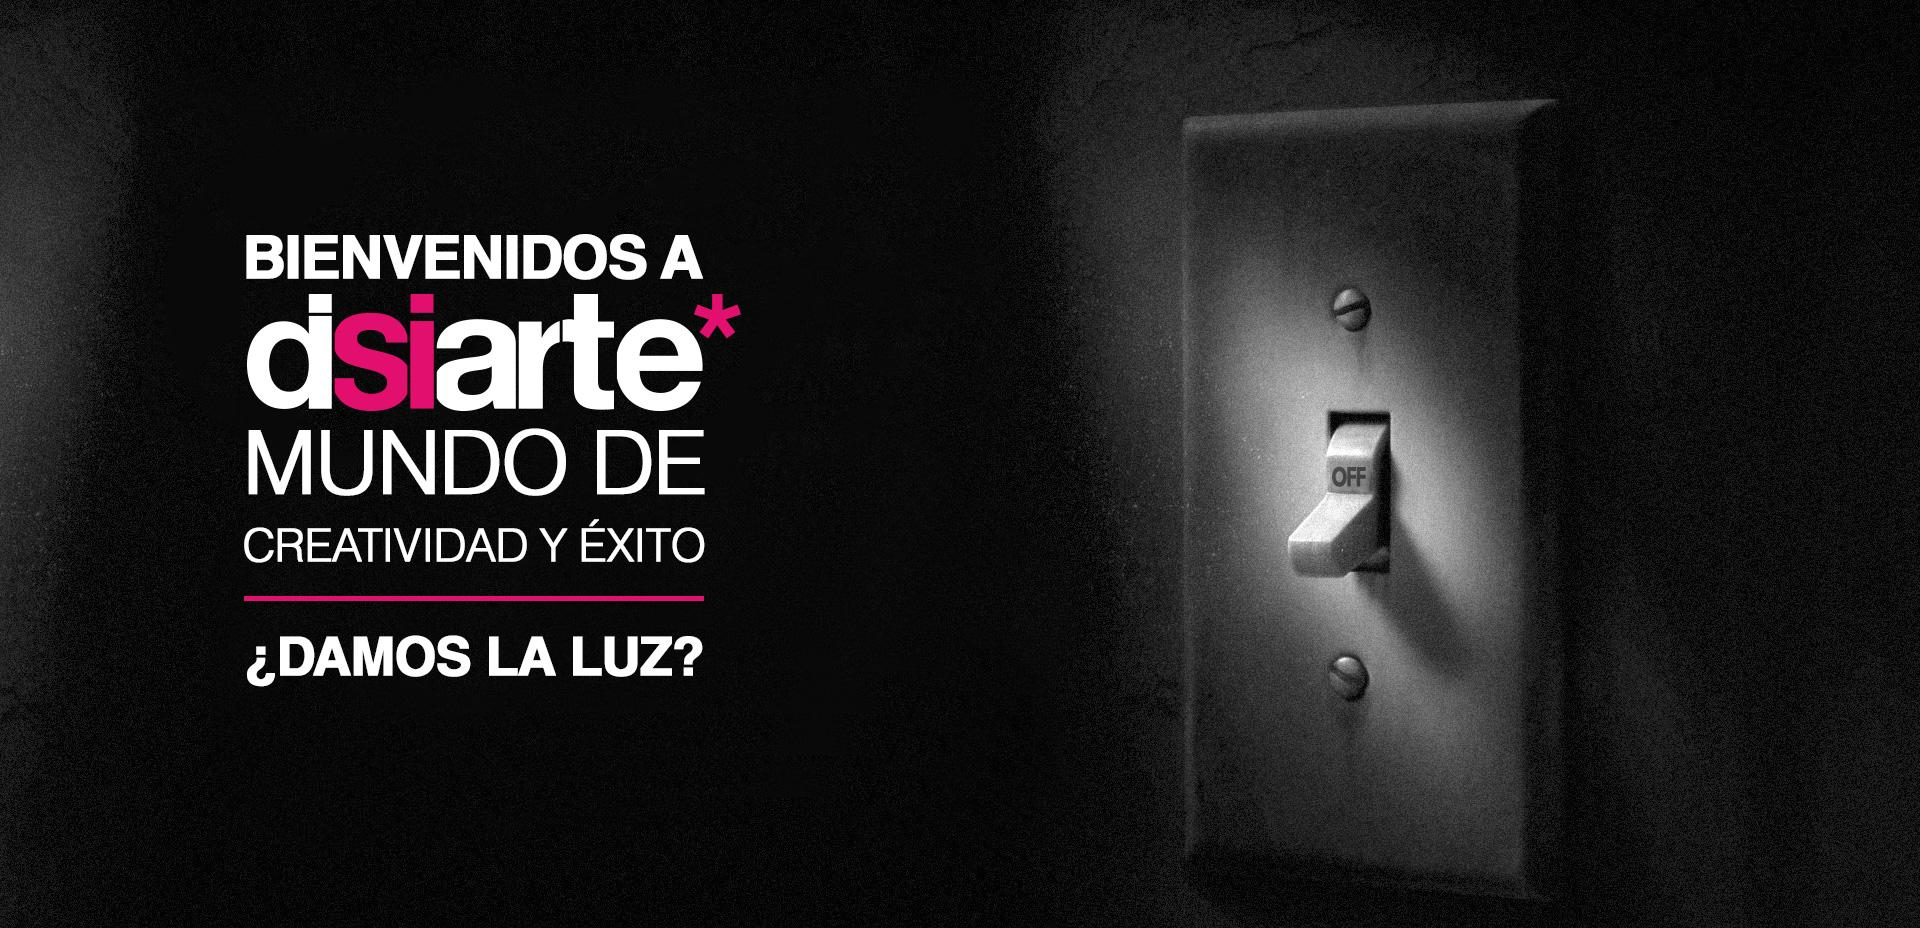 Agencias de publicidad Albacete. Bienvenidos a Disiarte Agencia de publicidad y mundo de creatividad y éxito ¿Damos la luz?